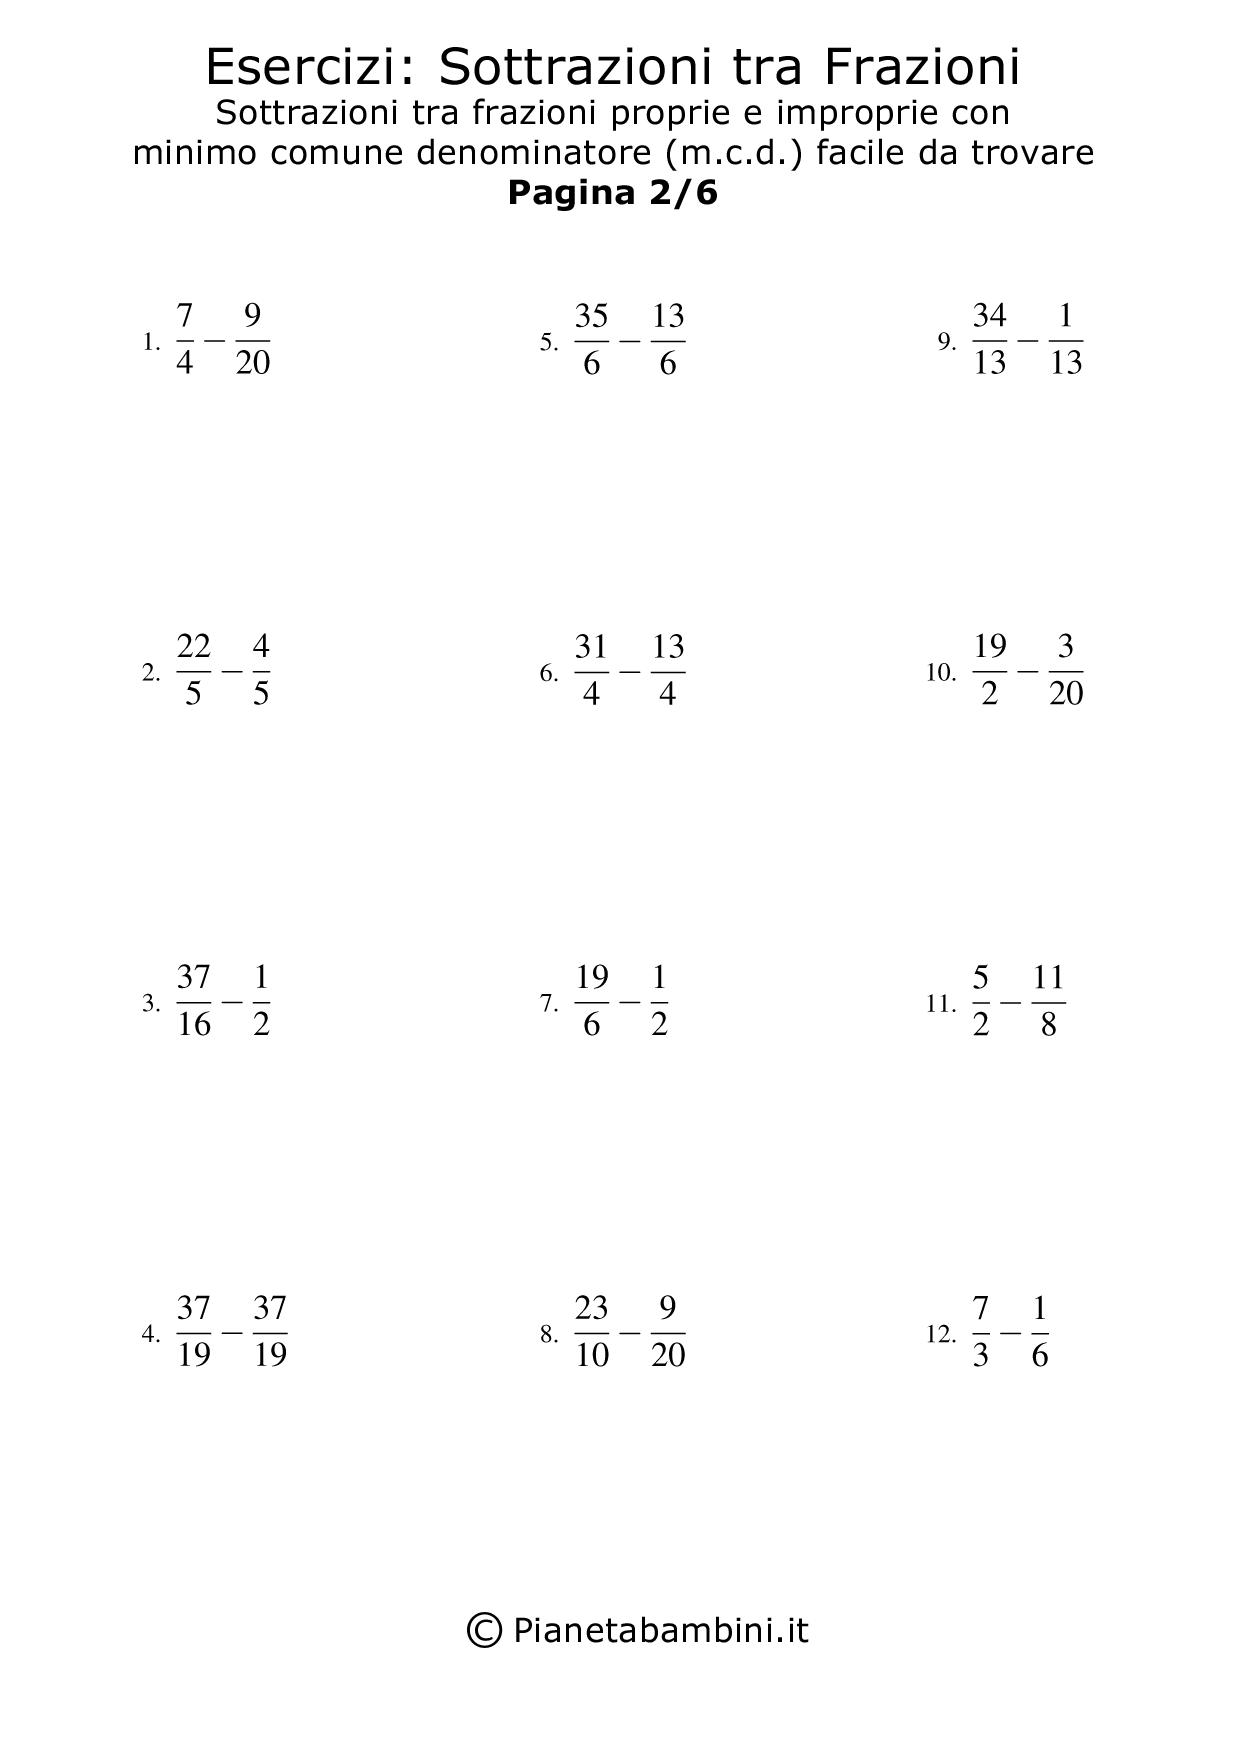 Sottrazioni-Frazioni-m.c.d.-Facile_2